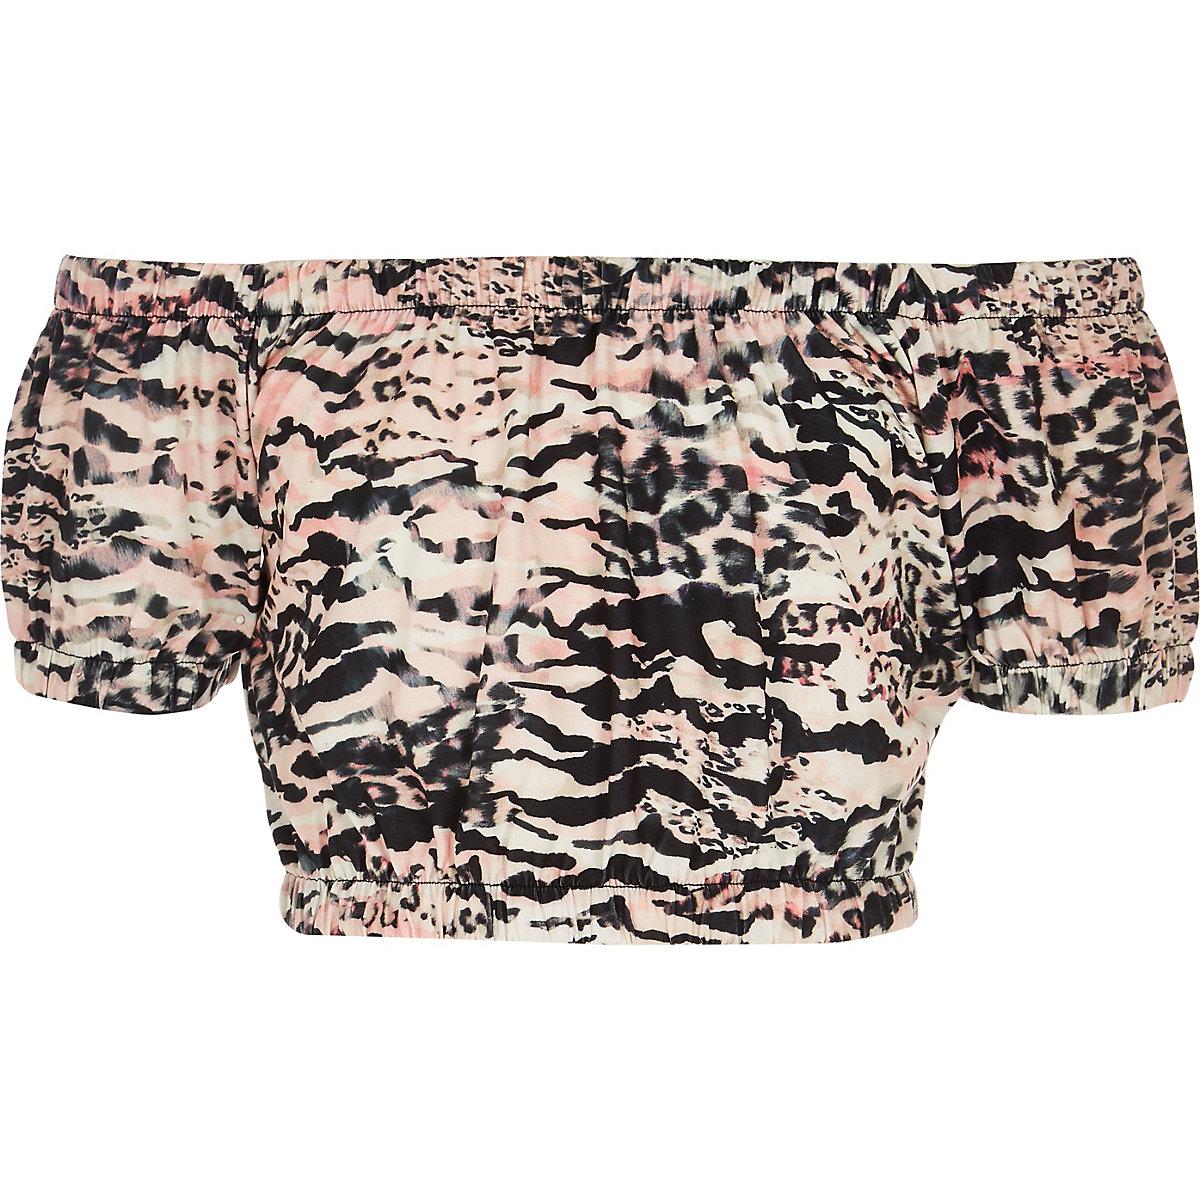 Girls pink zebra print bardot top